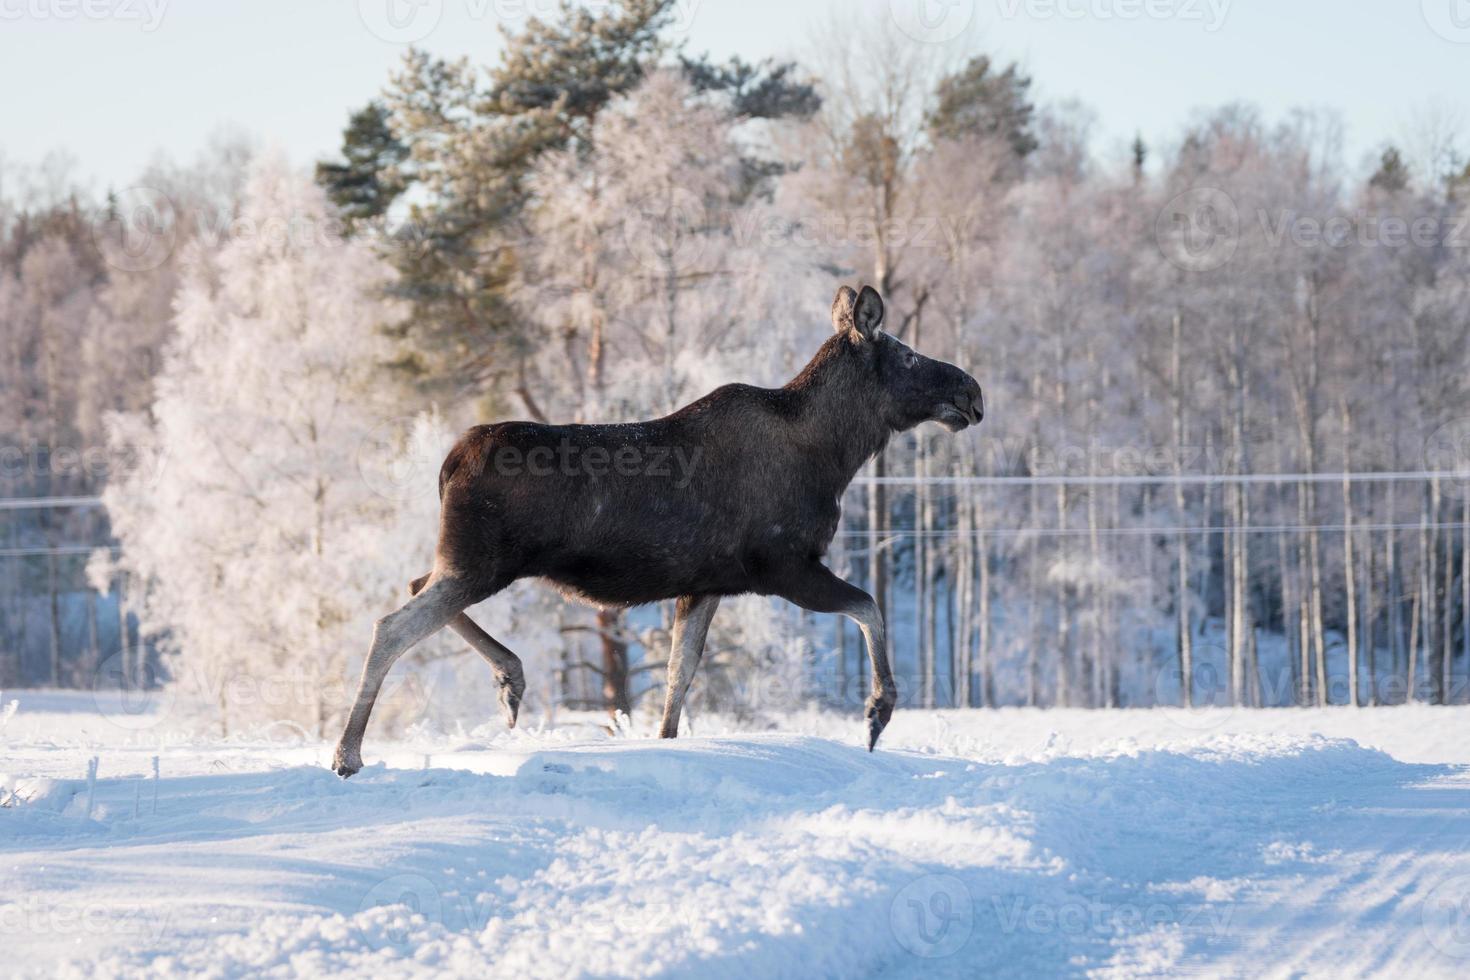 weibliche Elche traben anmutig im Schnee foto